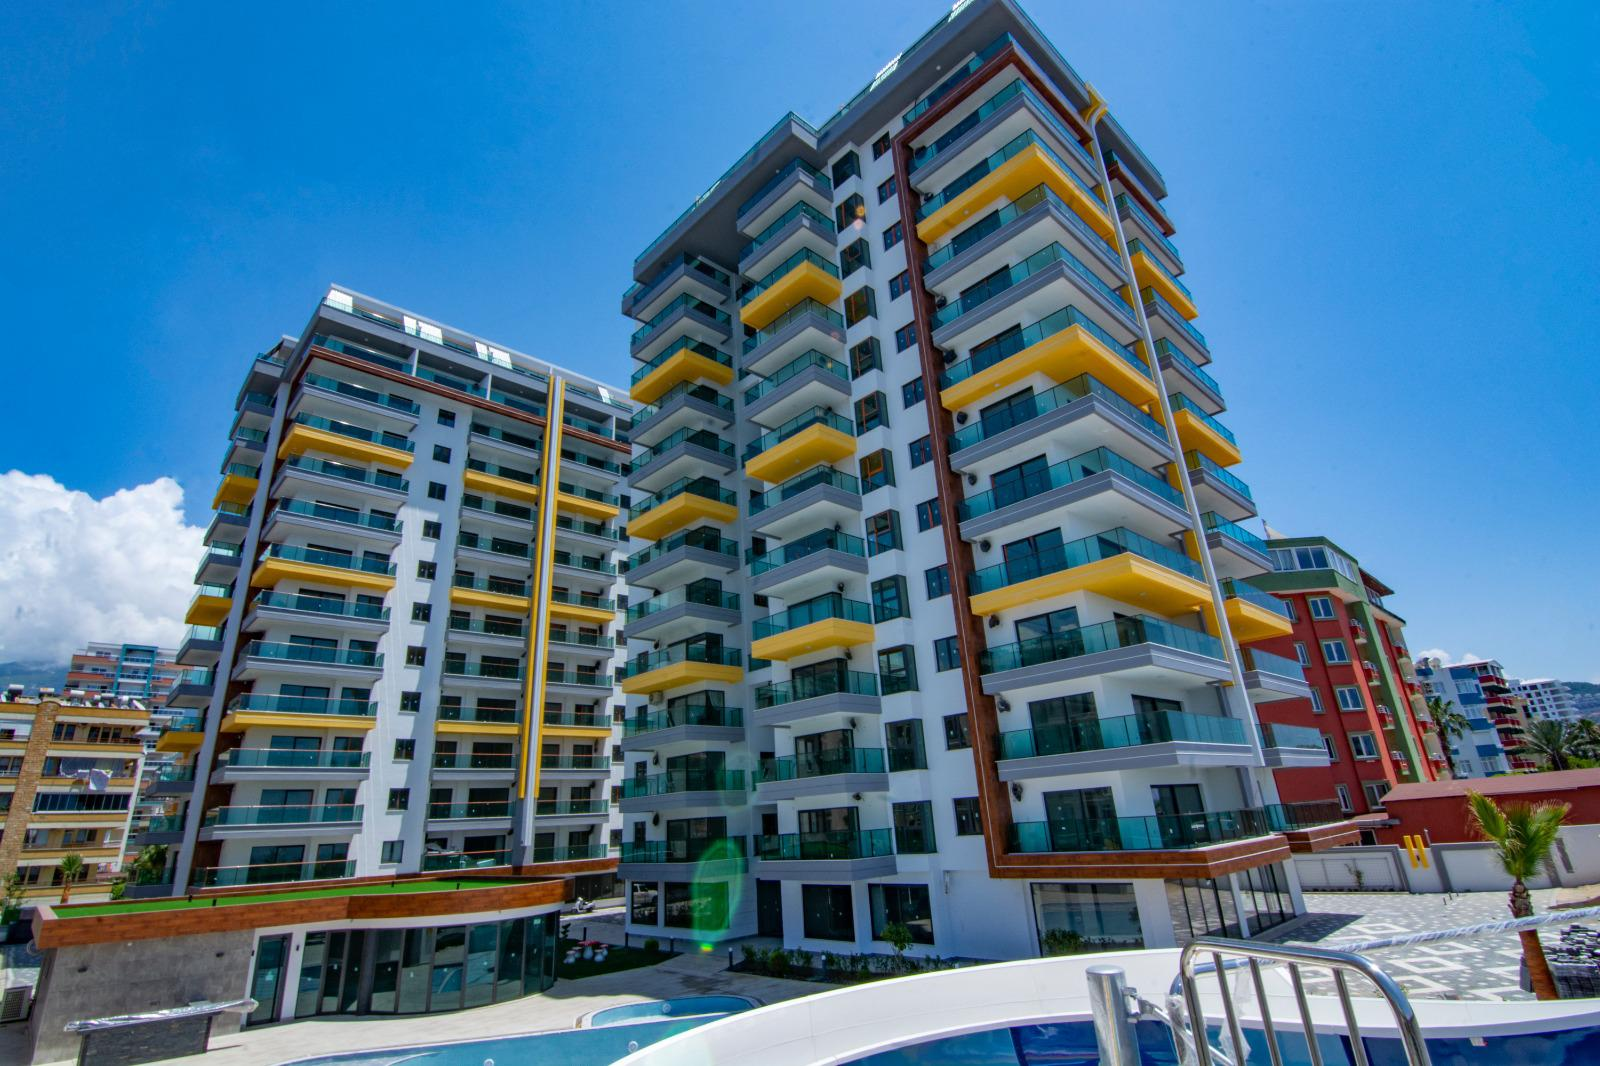 Квартира 2+1 в комплексе »Euro 20 Residence»